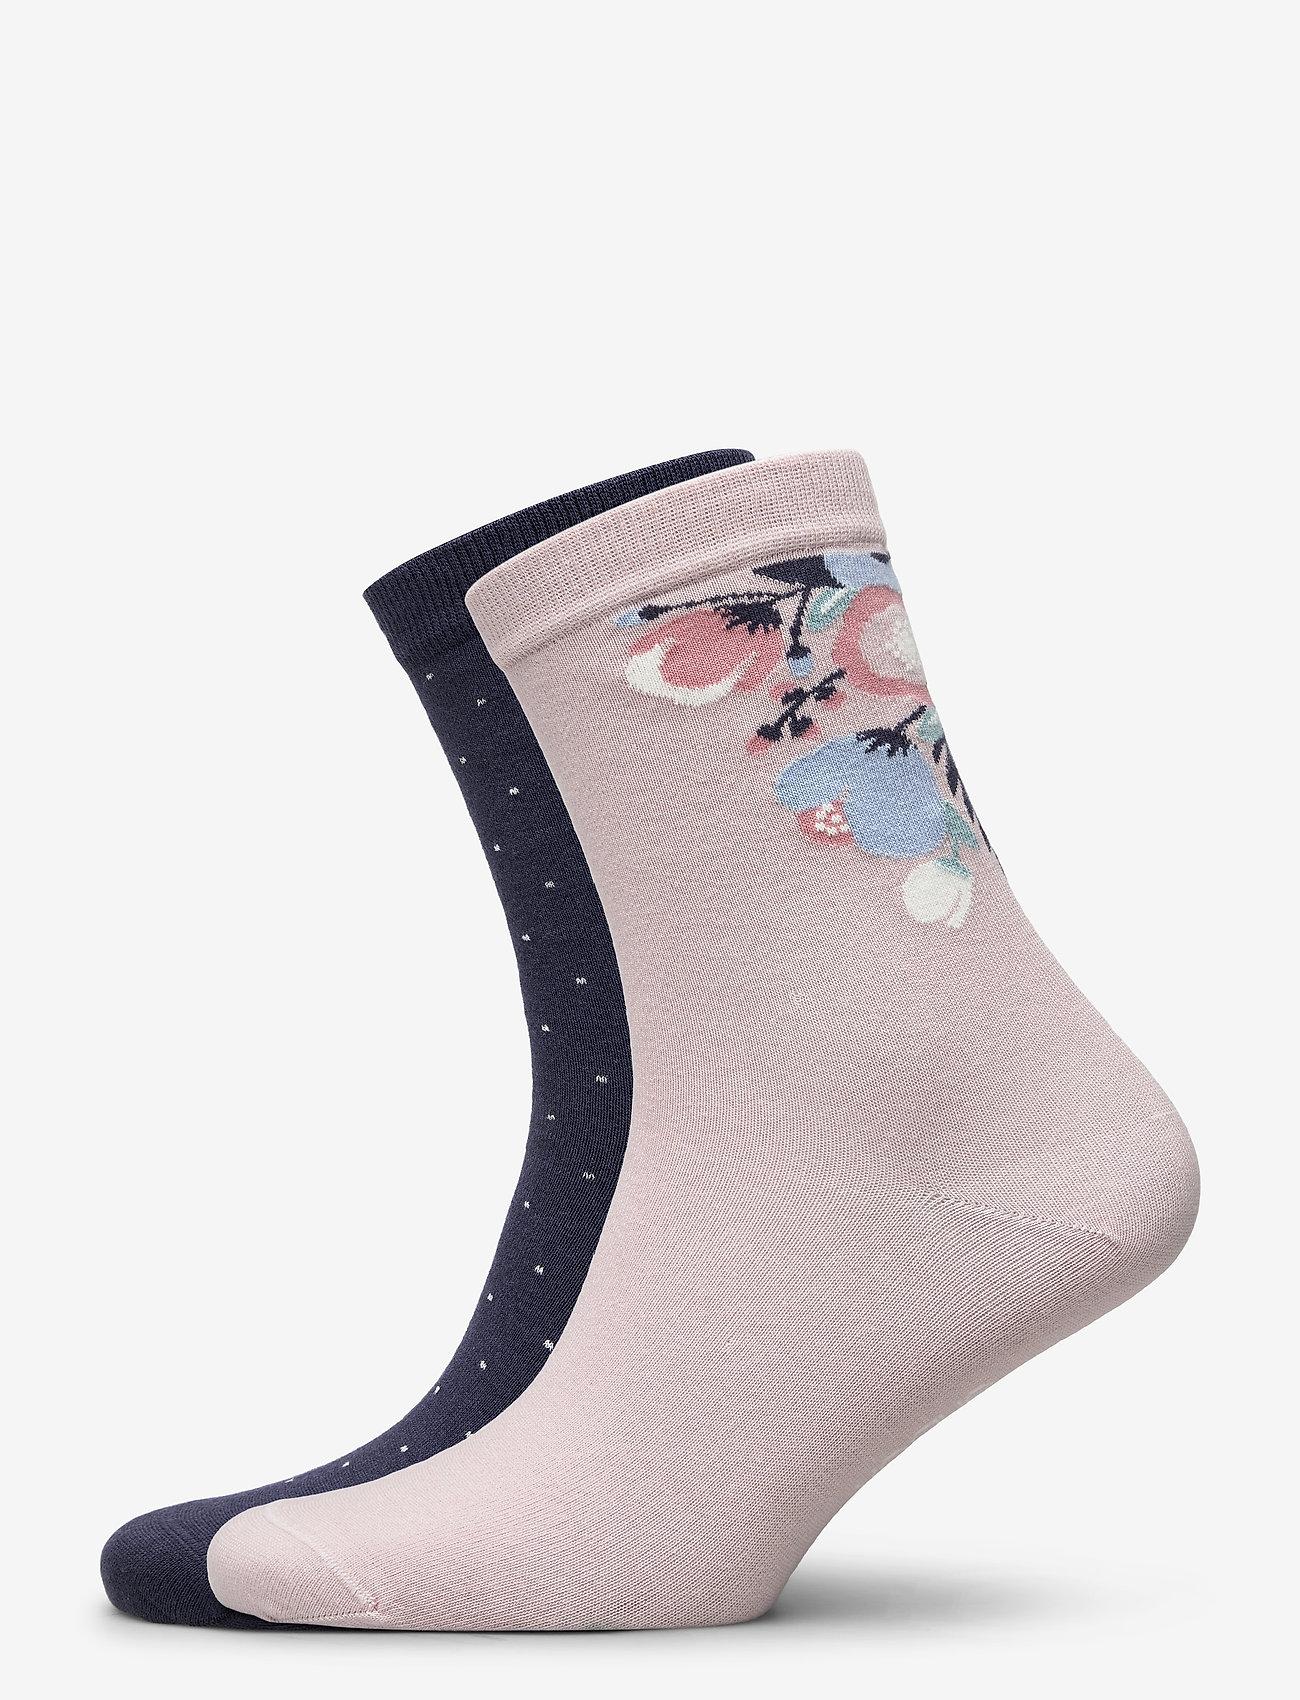 Vogue - Ladies anklesock, Celestine Socks, 2-pack - sneakersokken - cameo rose - 0